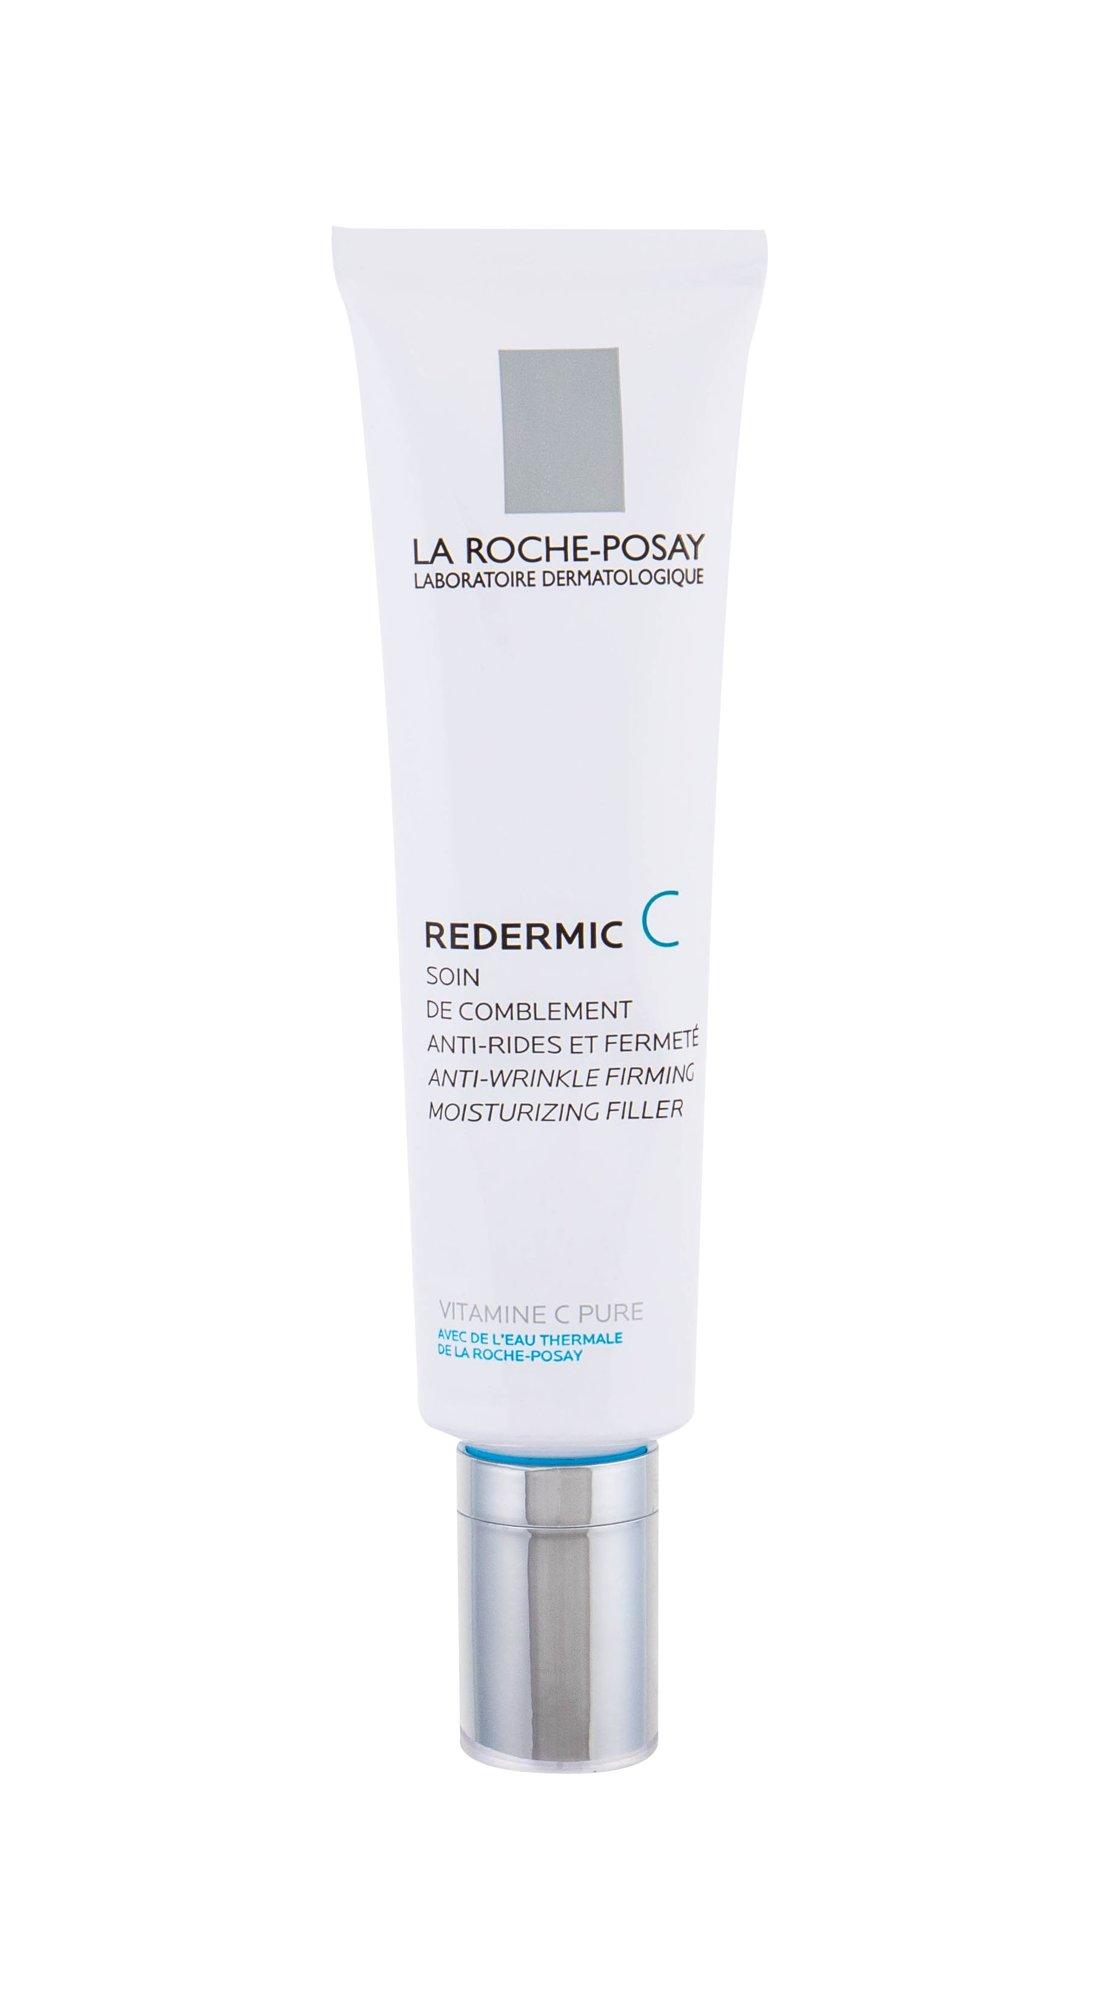 La Roche-Posay Redermic C Day Cream 40ml